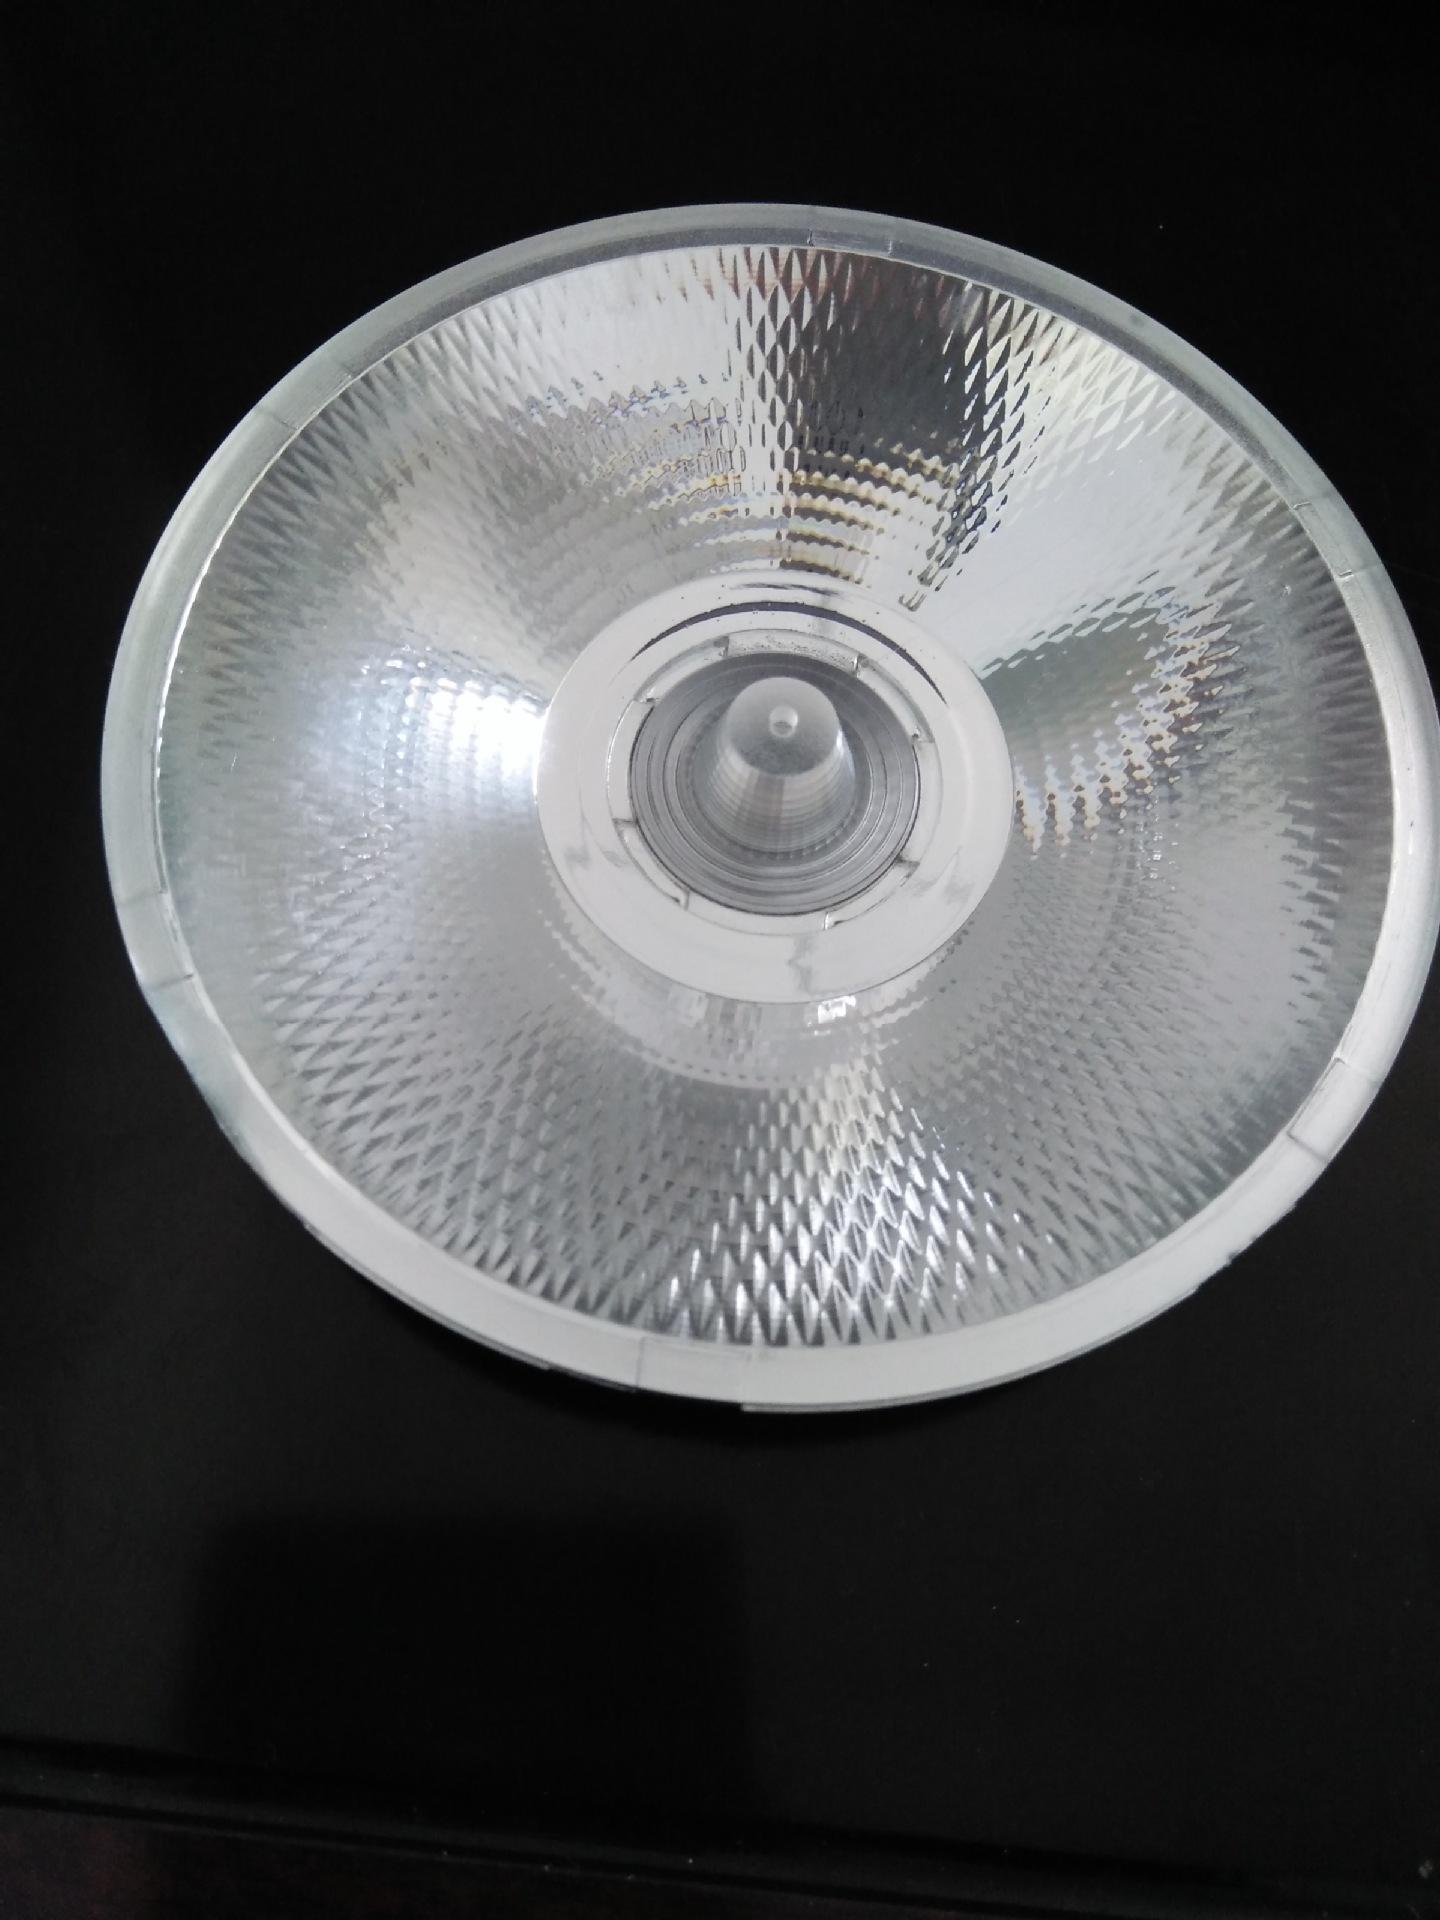 MEIZHUANG Đèn LED thấu kính Par phản xạ ống kính ánh sáng, phản xạ ống kính mỏng, ống kính góc nhỏ